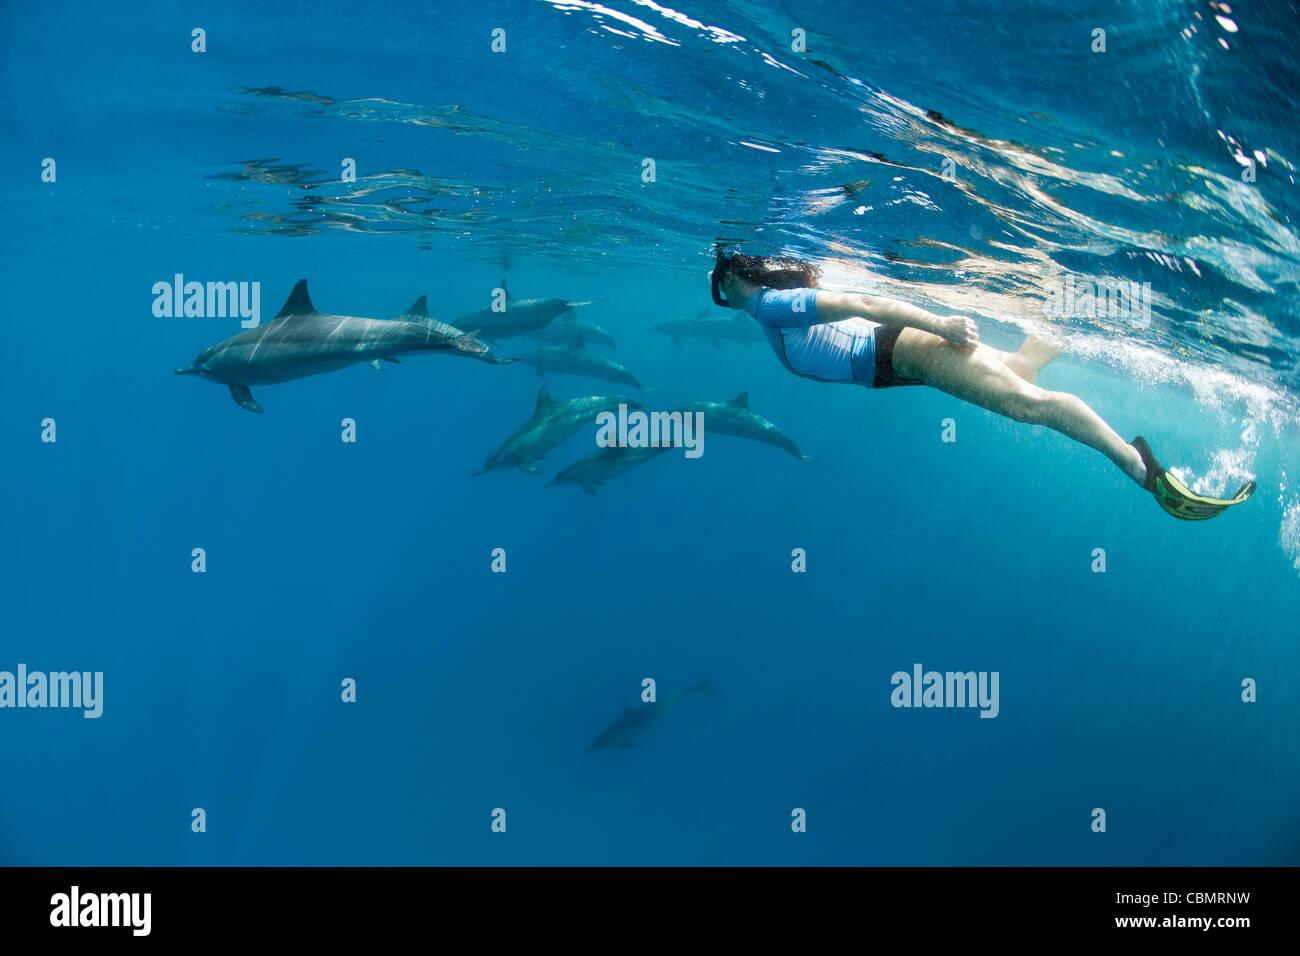 Bucear con Delfines, Stenella longirostris, Shaab Rumi, Mar Rojo, Sudán Foto de stock